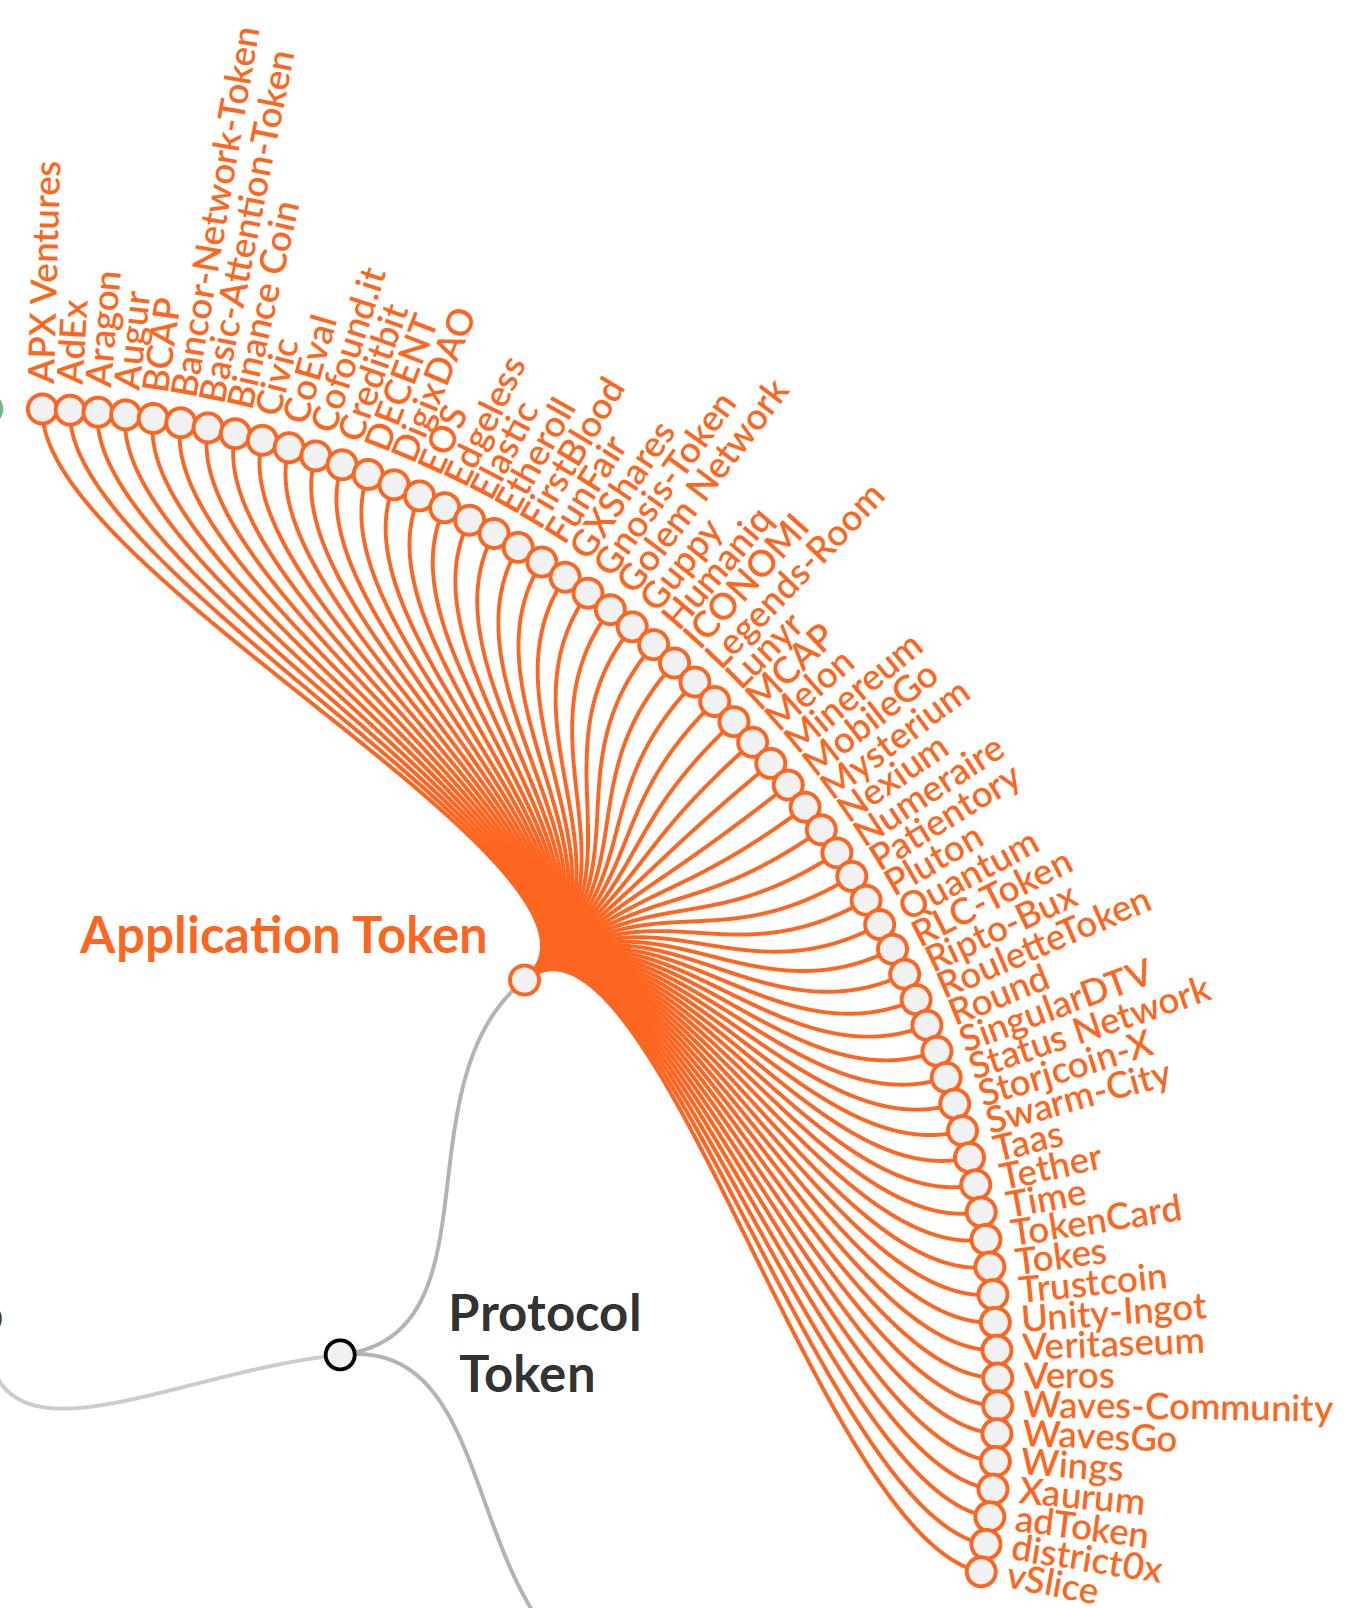 Application Token Examples